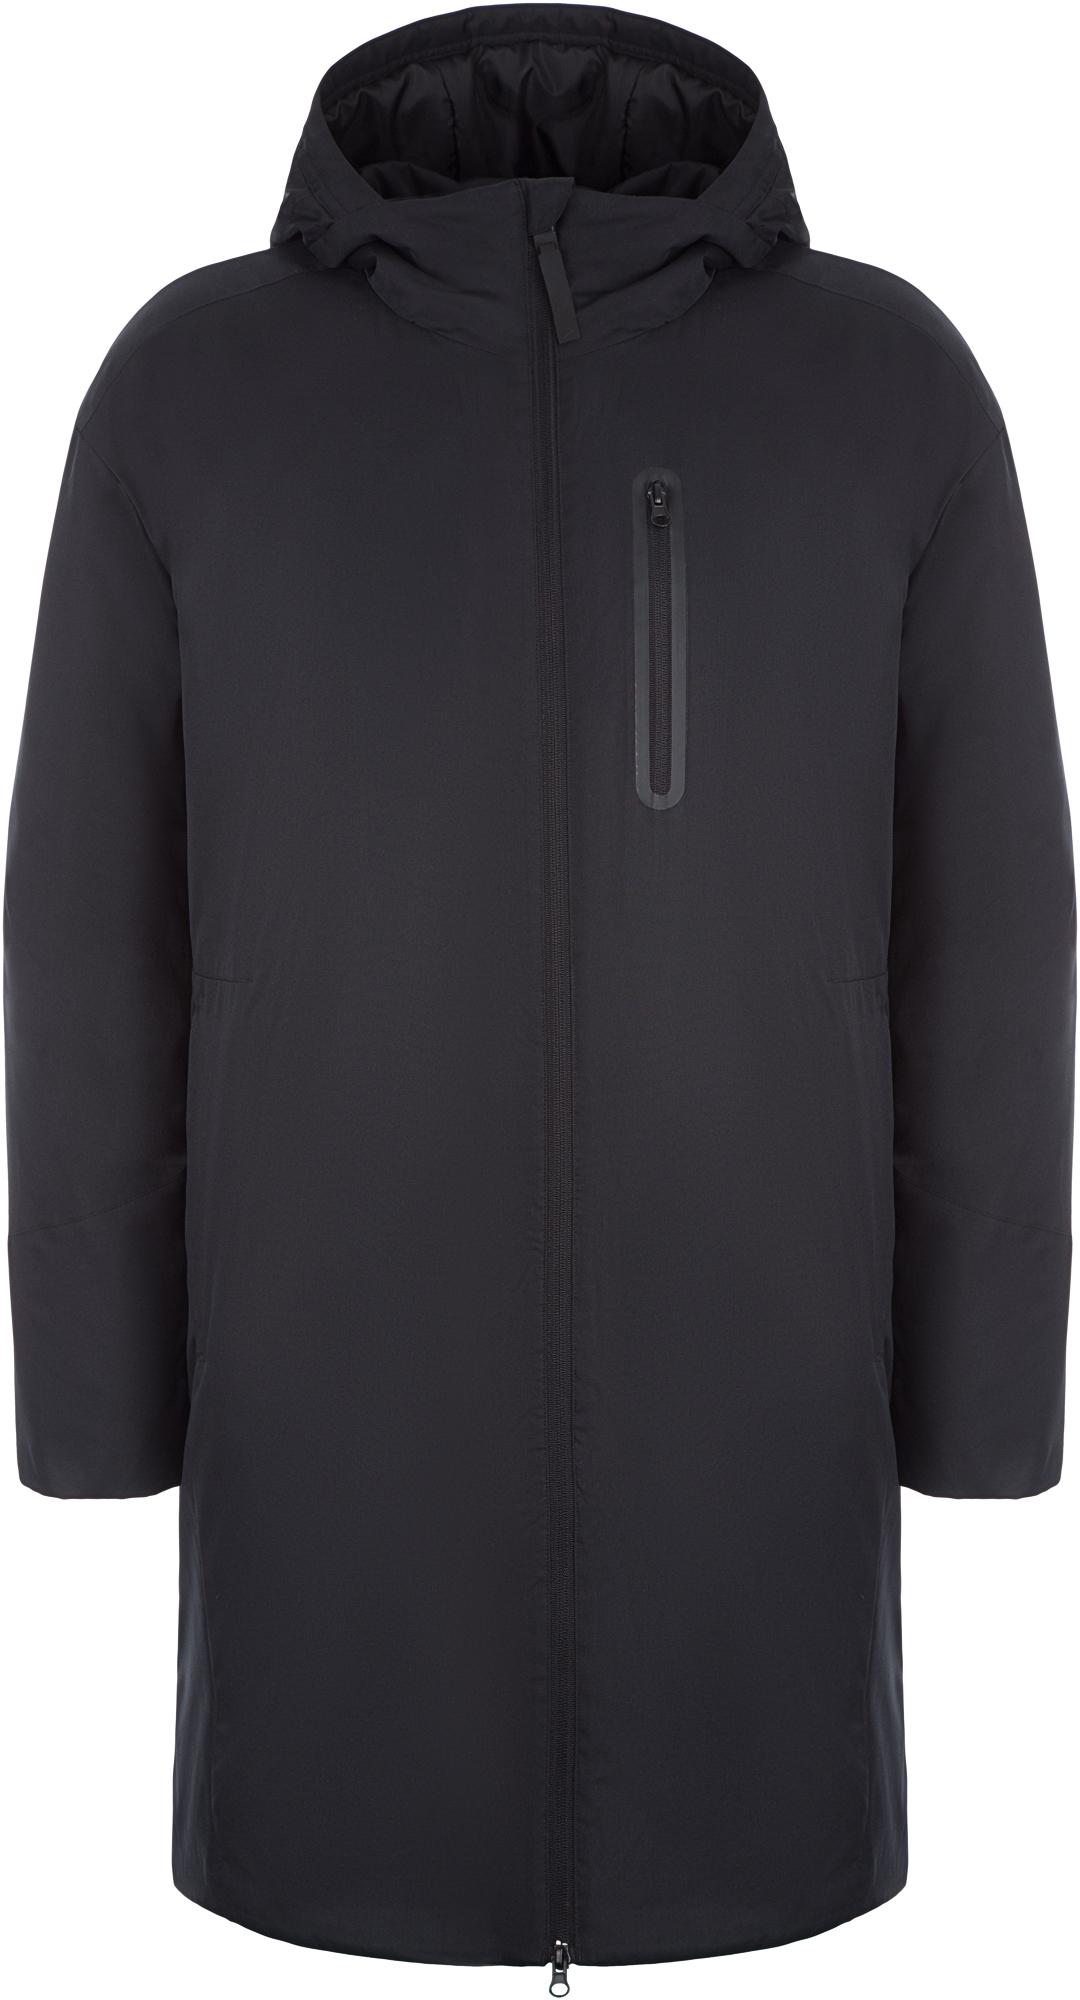 цена Demix Куртка утепленная мужская Demix, размер 54 онлайн в 2017 году